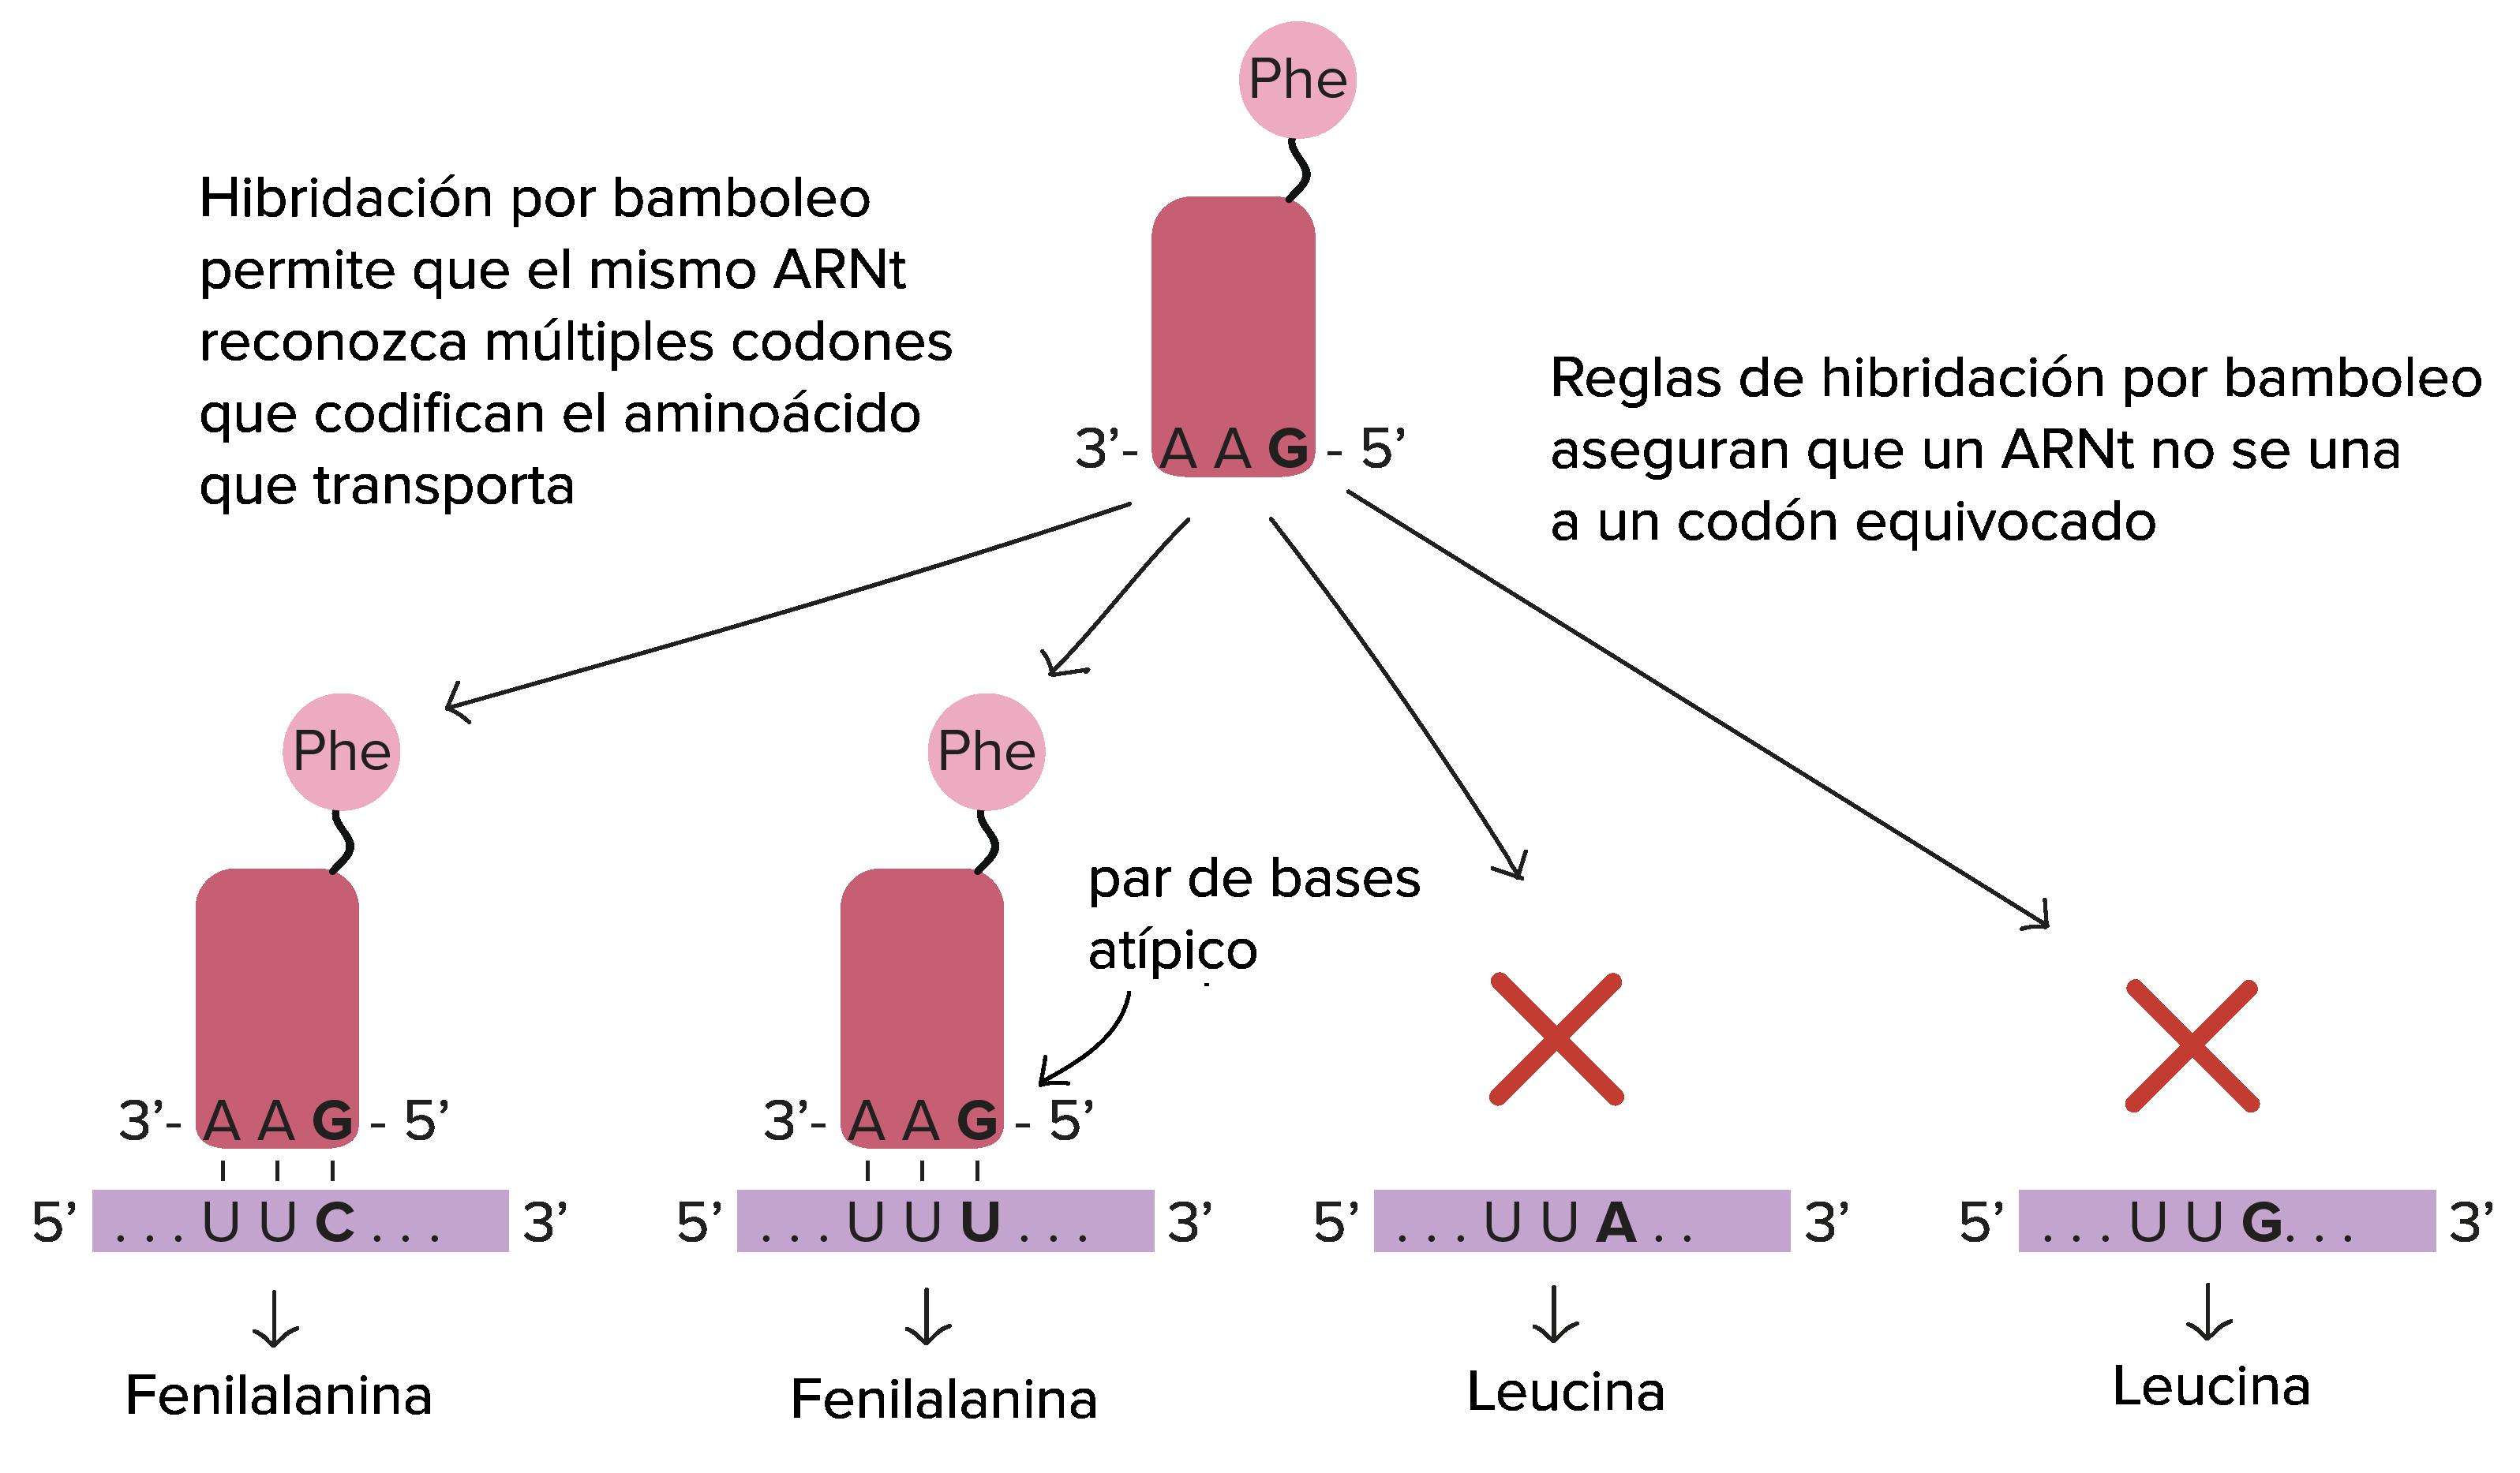 Apareamiento tipo Wooble o apareamiento poco frecuente de los ARN (codón y anticodón)